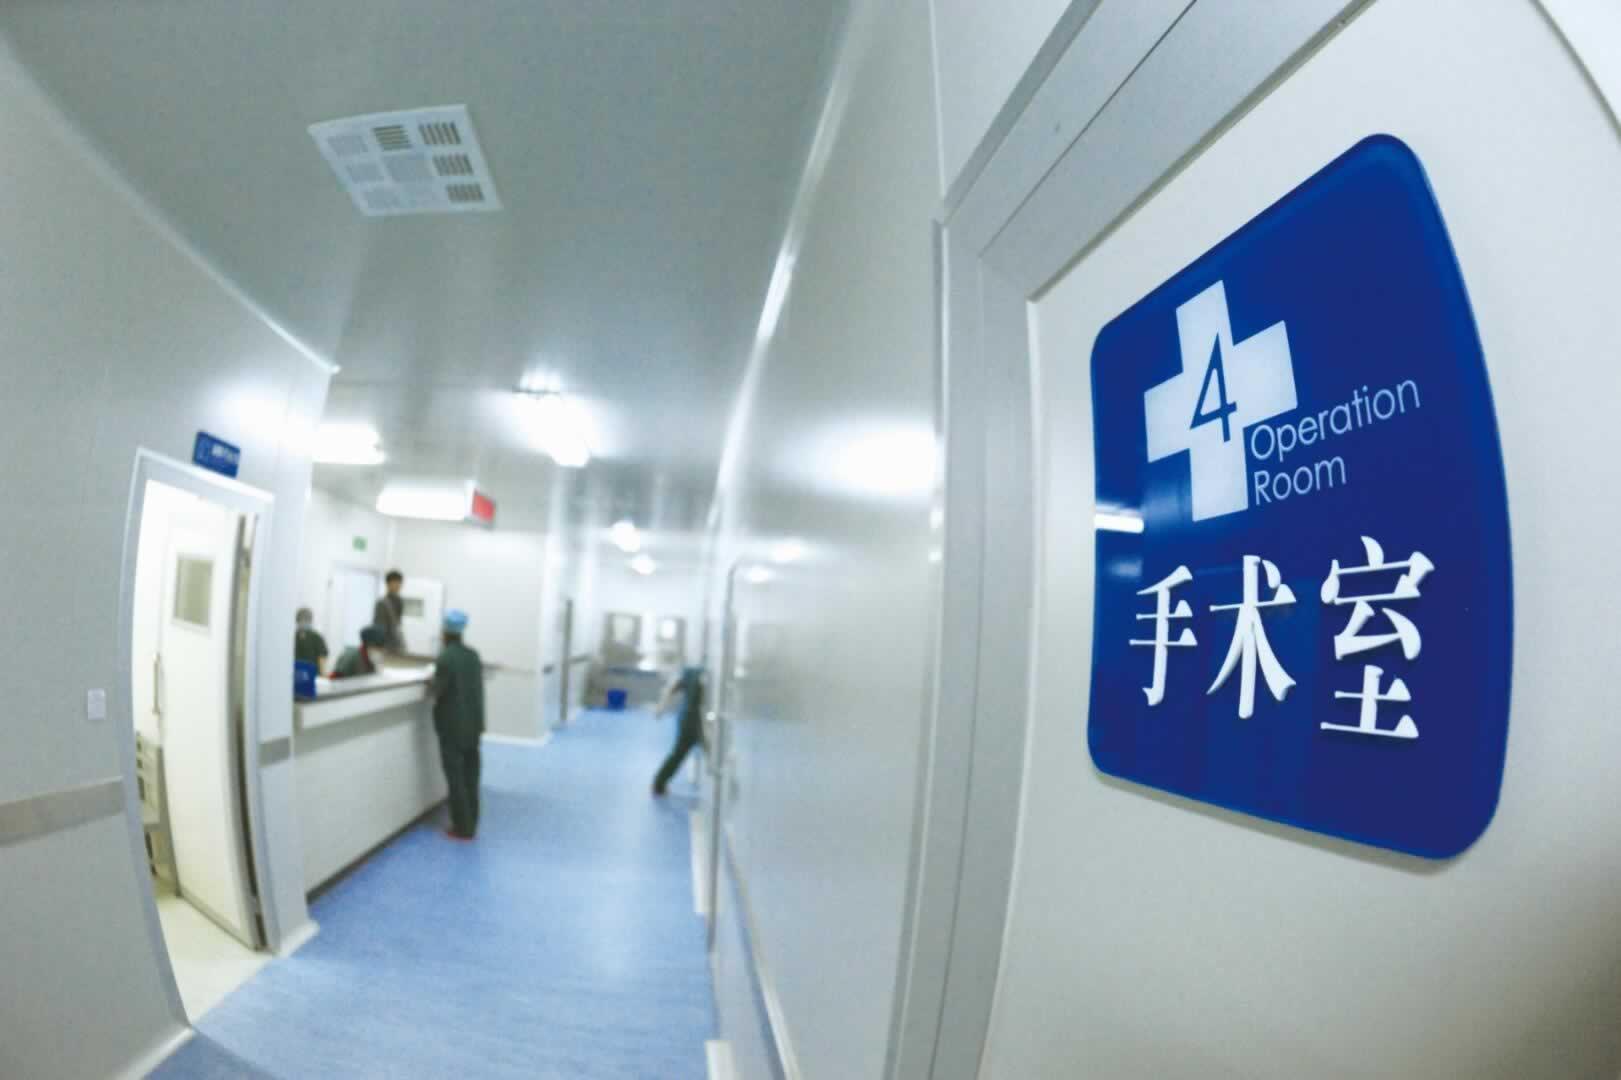 昆明吴氏嘉美医院是公立医院吗?